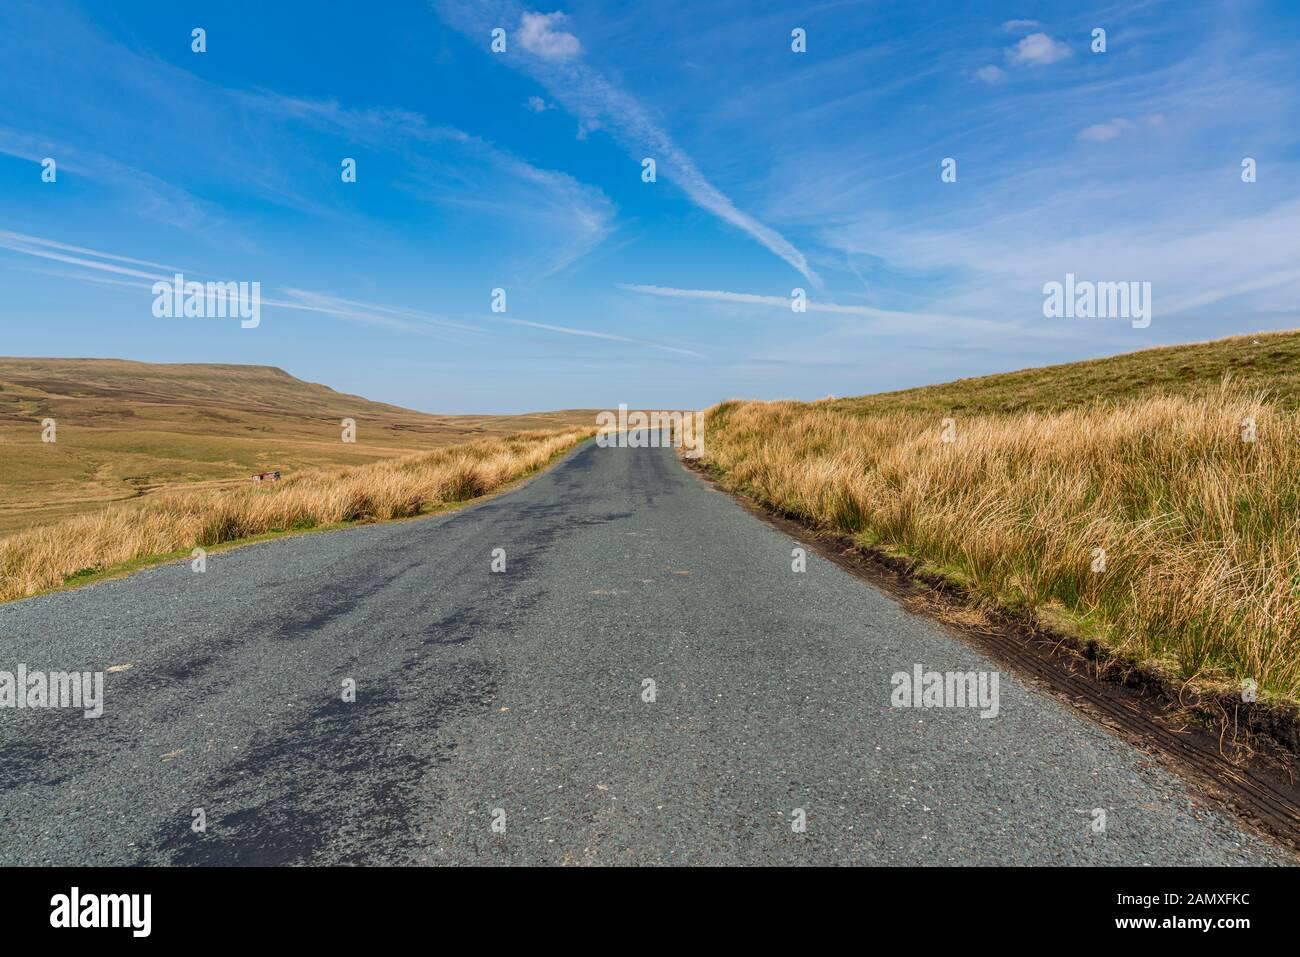 La conduite dans le Yorkshire Dales sur la route B6270 entre Nateby et Birkdale, North Yorkshire, England, UK Banque D'Images